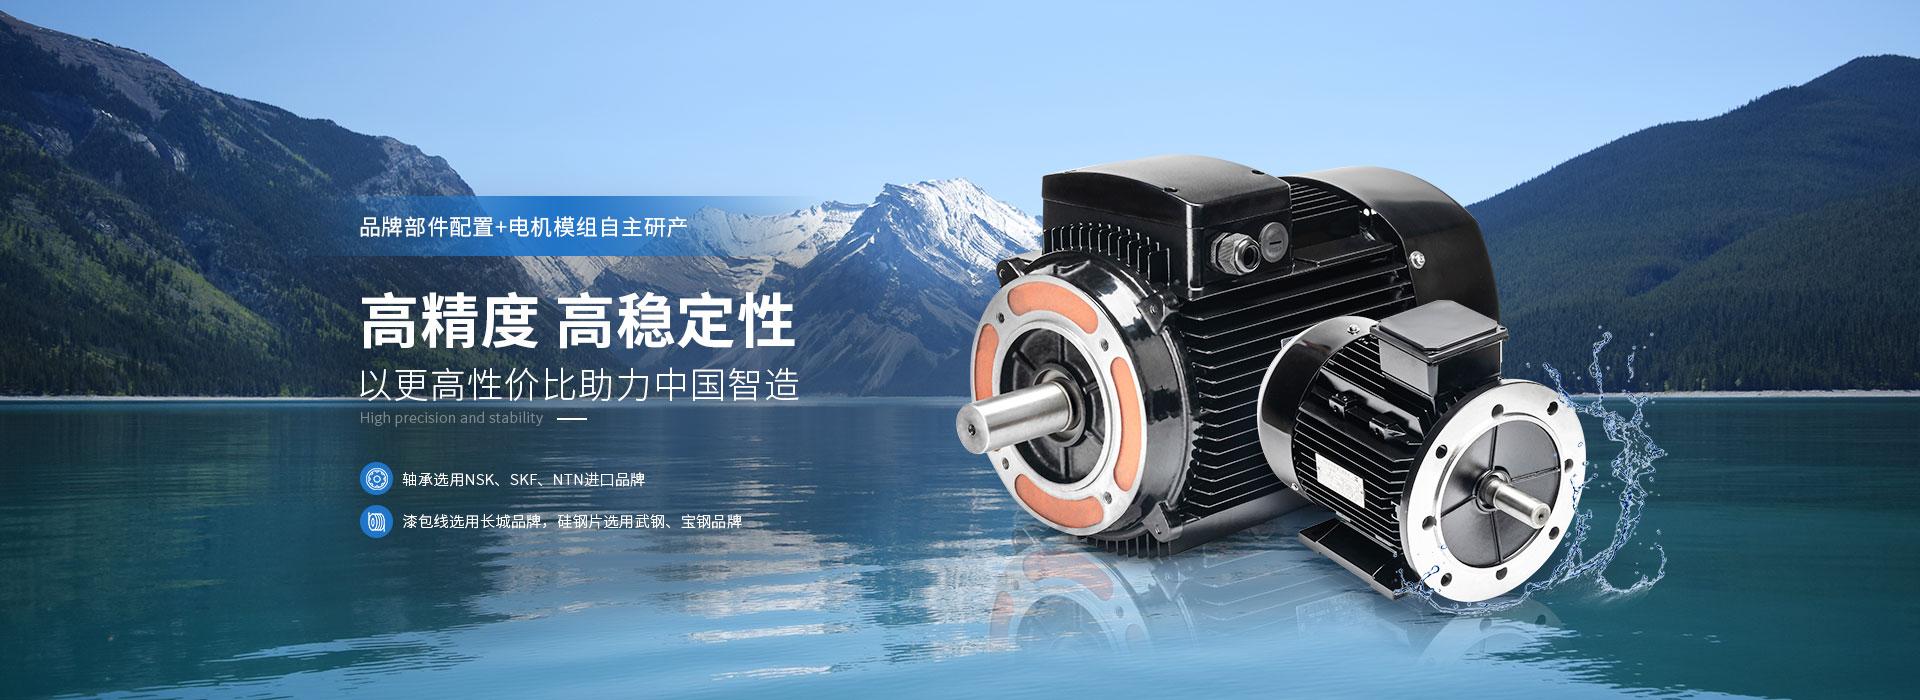 鑫特品牌部件配置+电机模组自主研产